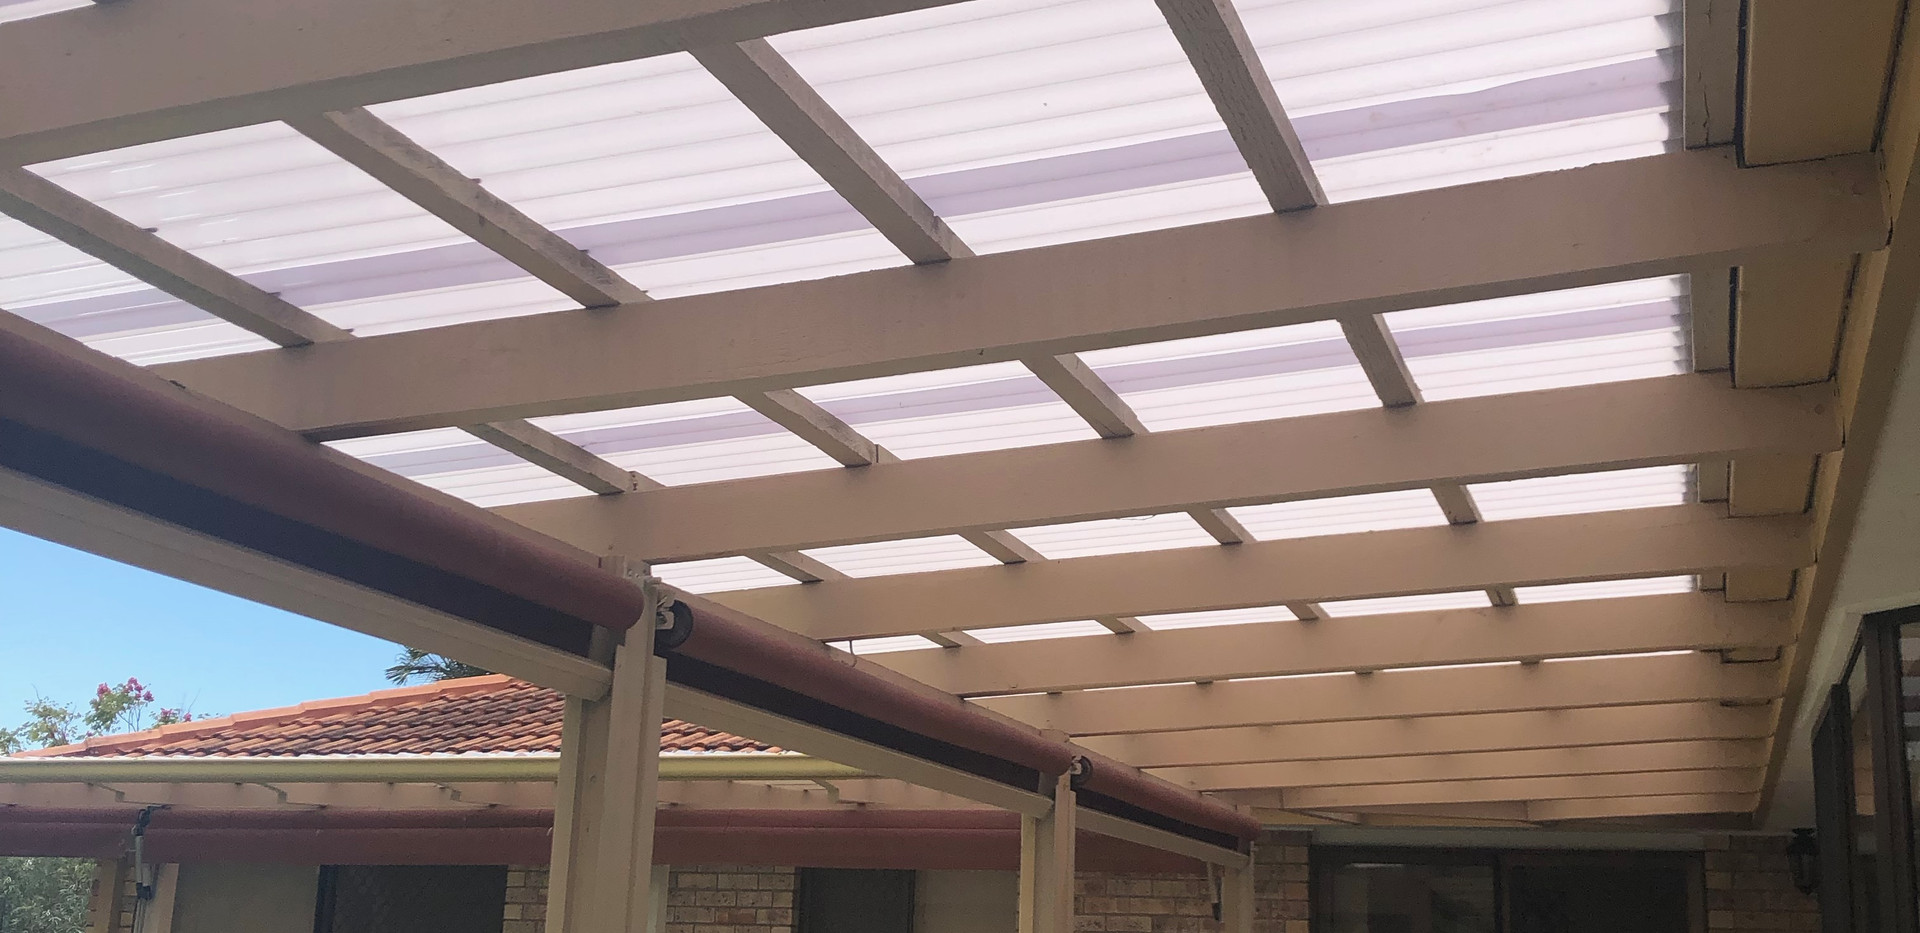 Underside of new roof relacement